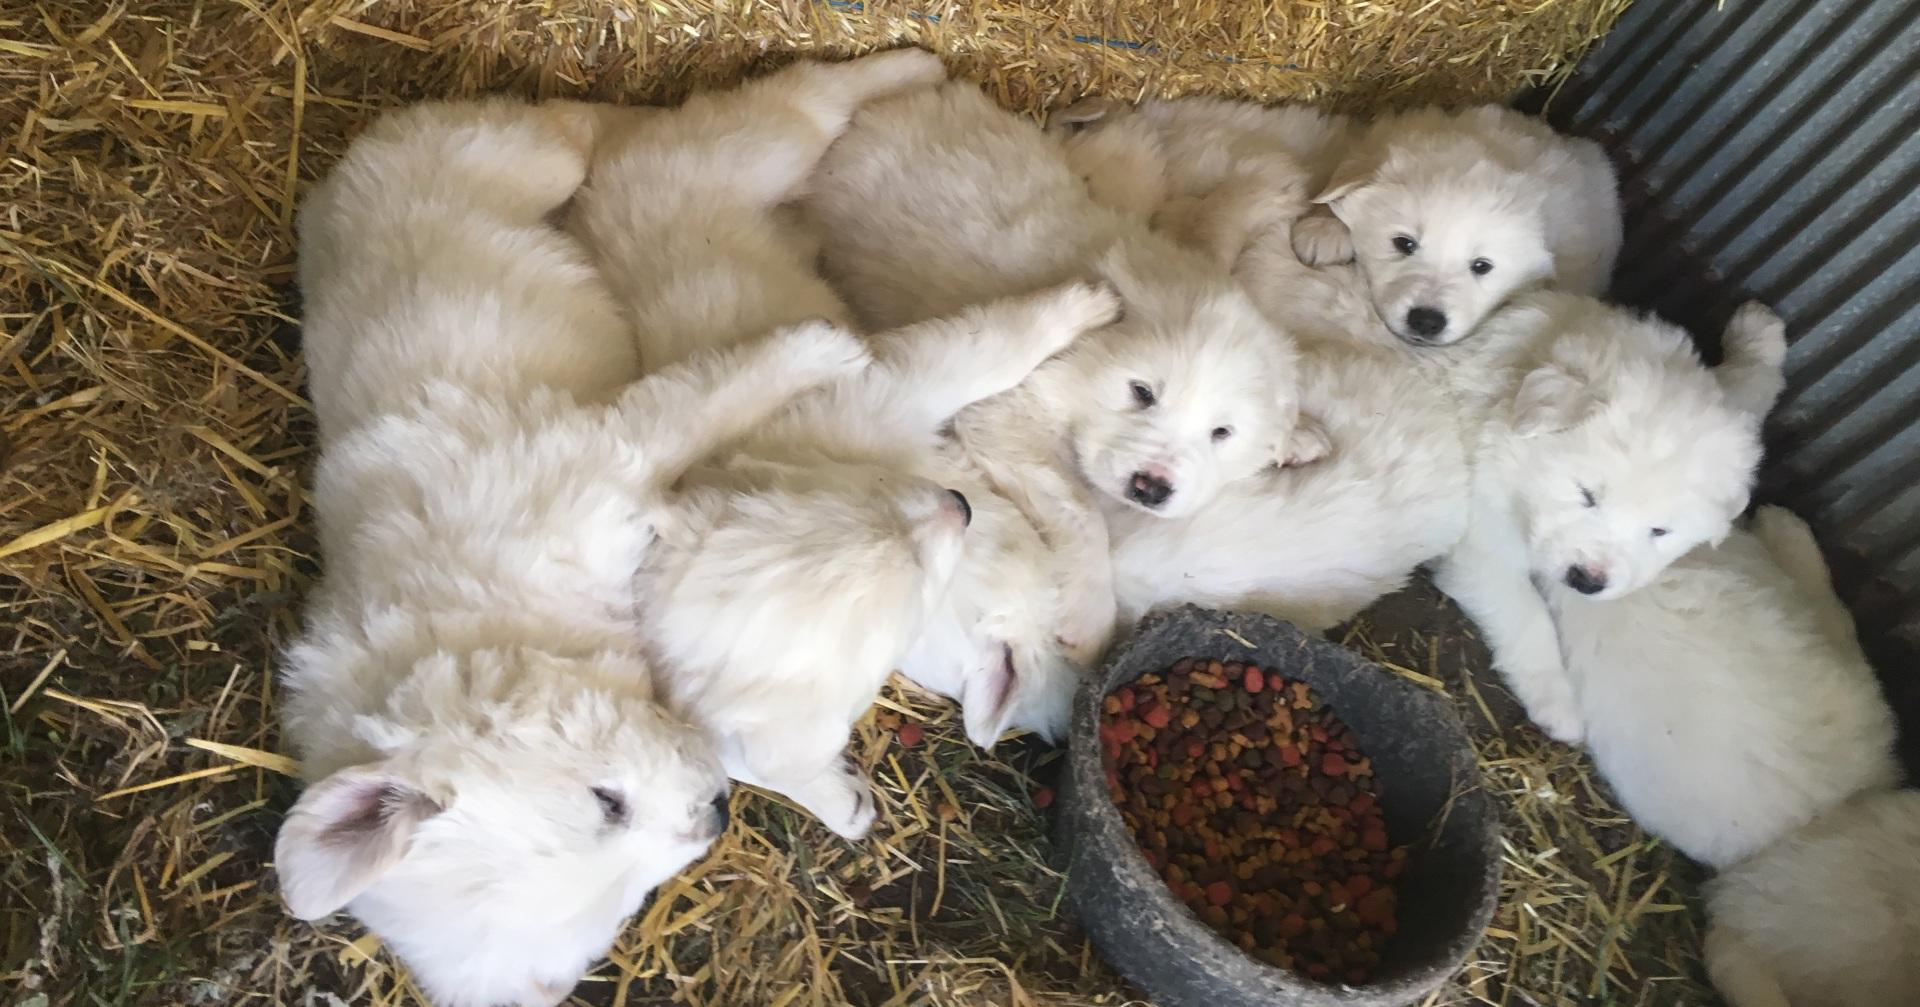 Tayla's pups at 4 weeks